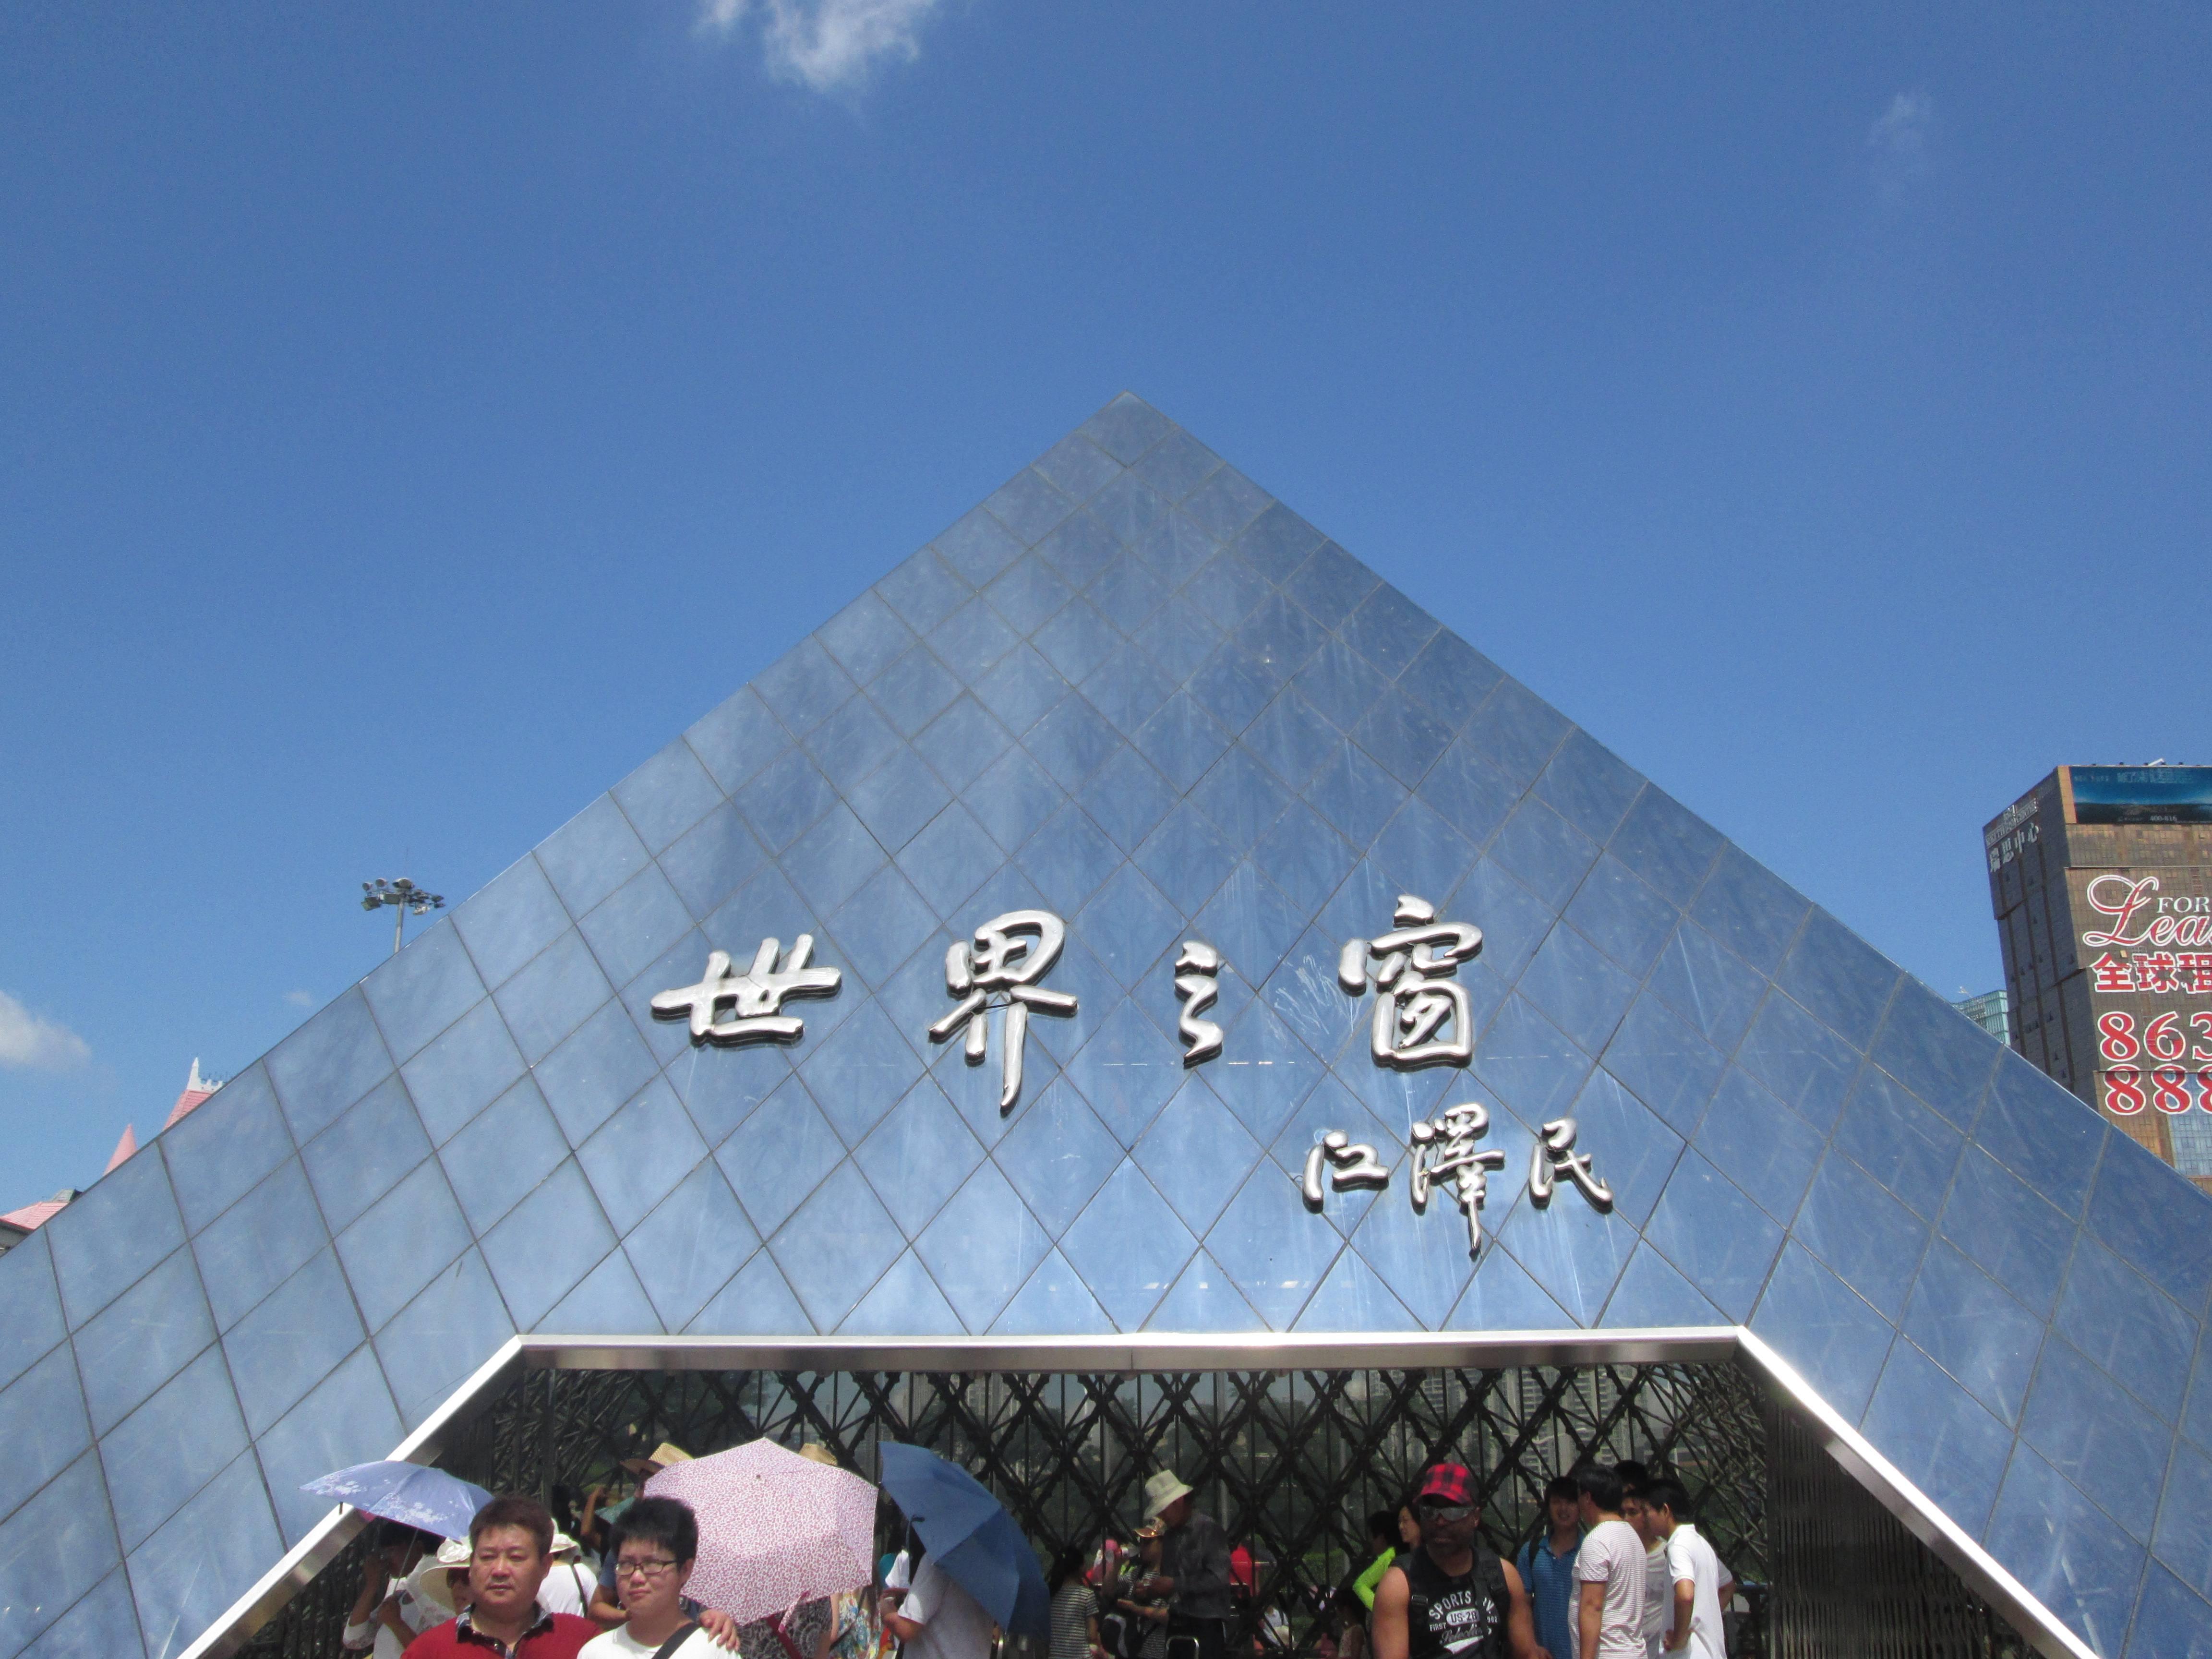 深圳世界之窗怎么样?深圳世界之窗好玩吗?